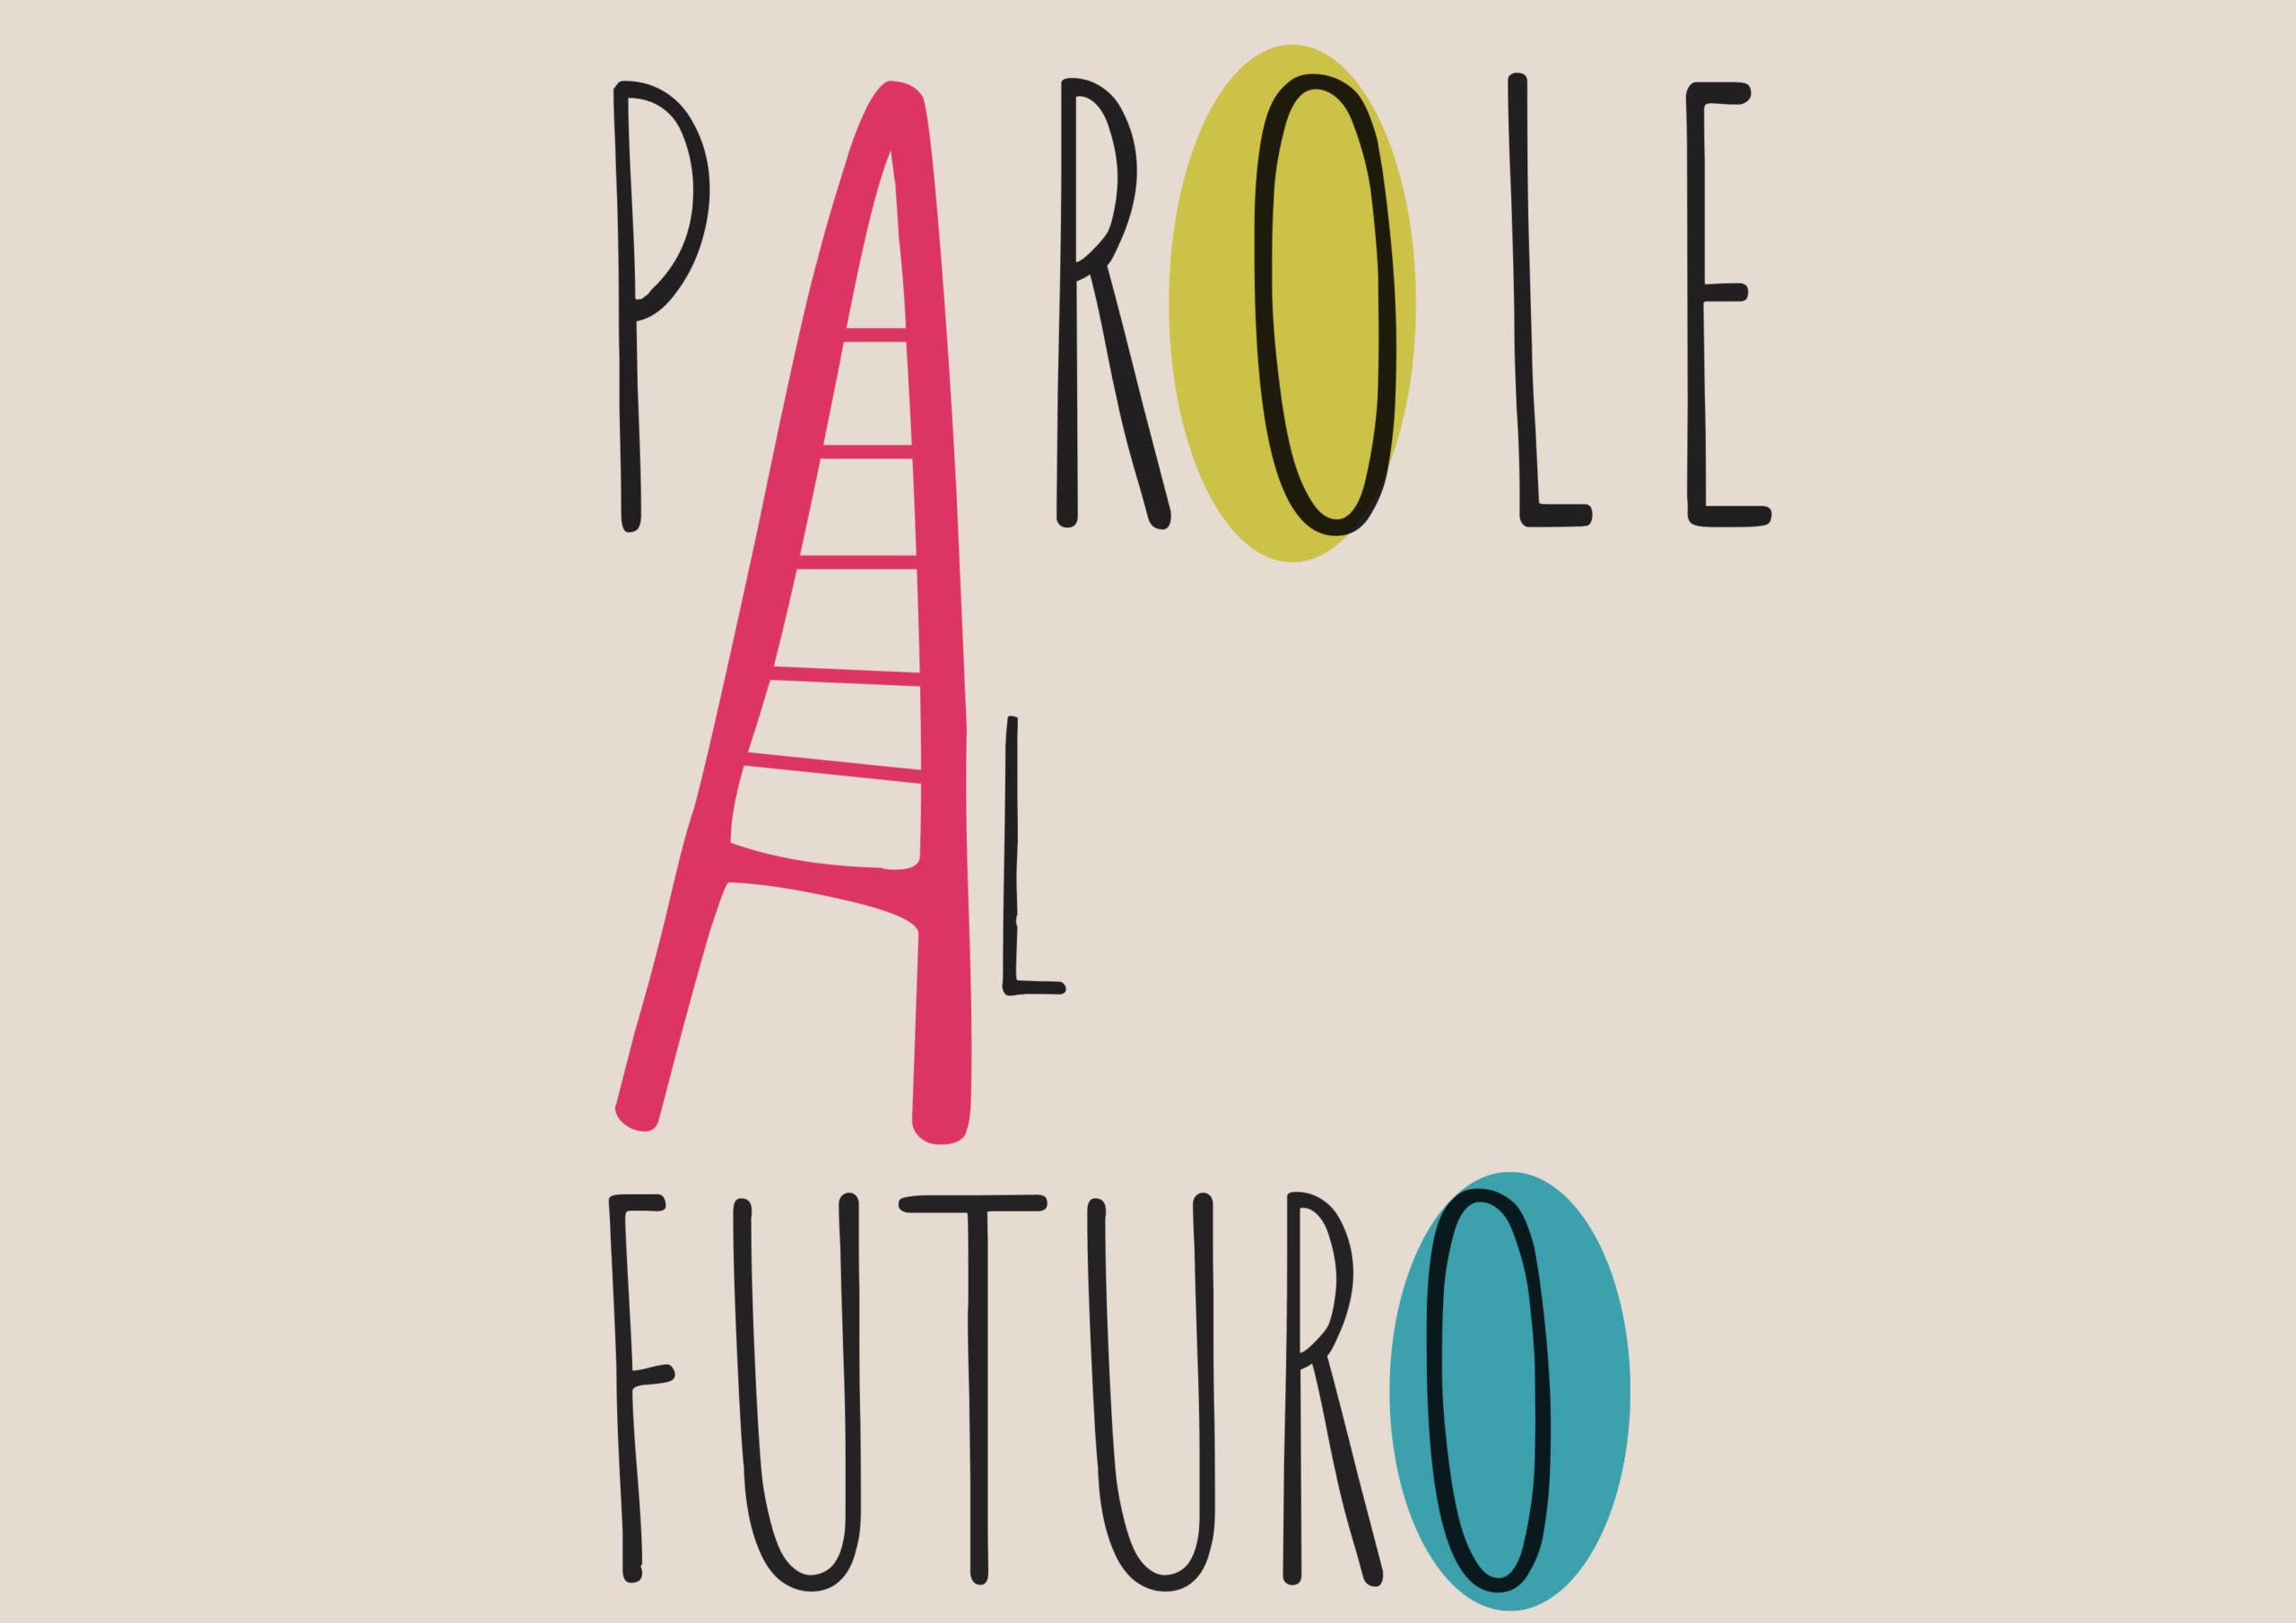 Call: PAROLE AL FUTURO